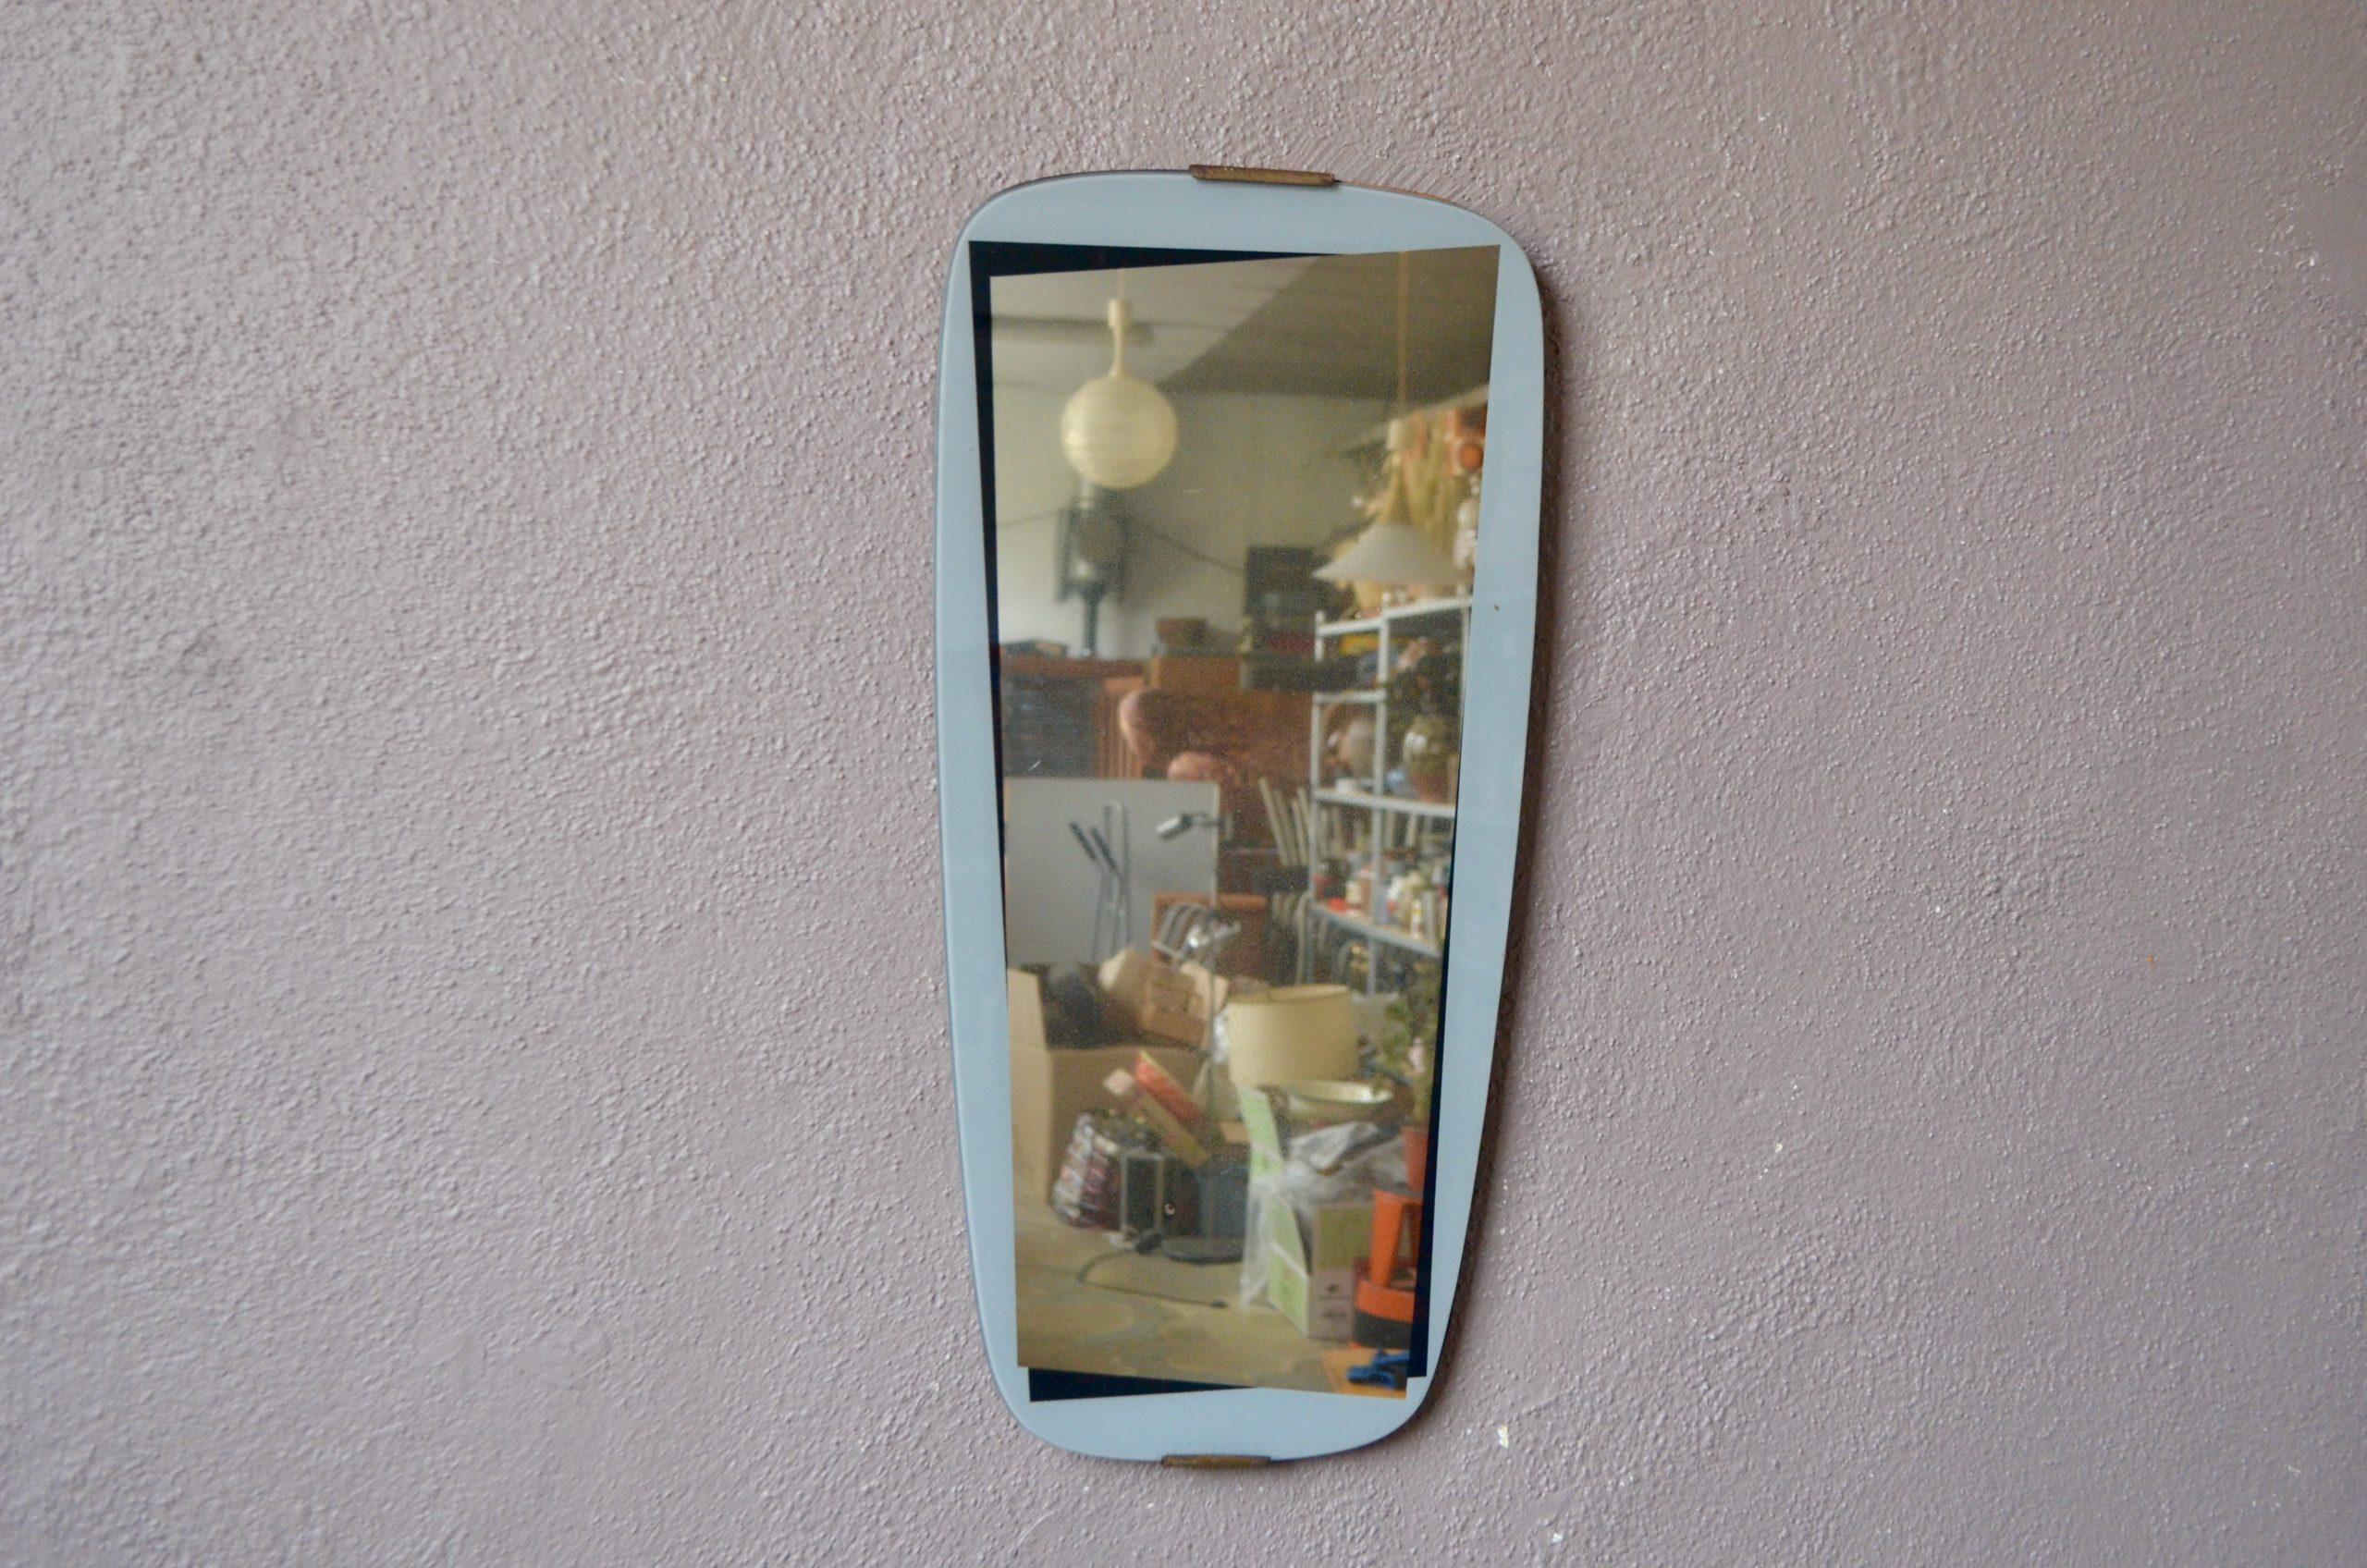 """Ce miroir """"rétroviseur"""" aux lignes '50 et au look rétro habillera les murs de l'entrée ou de la chambre en apportant une touche vintage... et beaucoup de bonne humeur! Les bords de la glace sont décorés de motifs géométriques noirs et gris, renforçant l'aspect graphique de ce beau miroir fifties."""